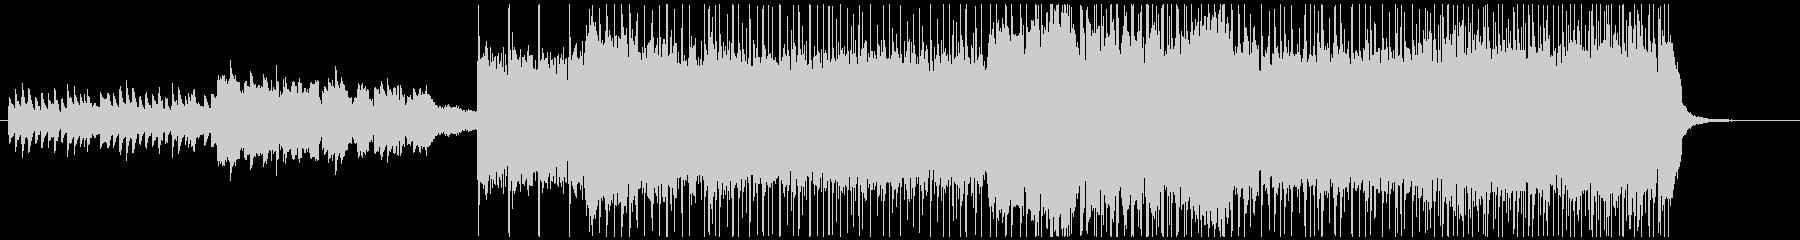 ヨナ抜き音階の和ロックの未再生の波形